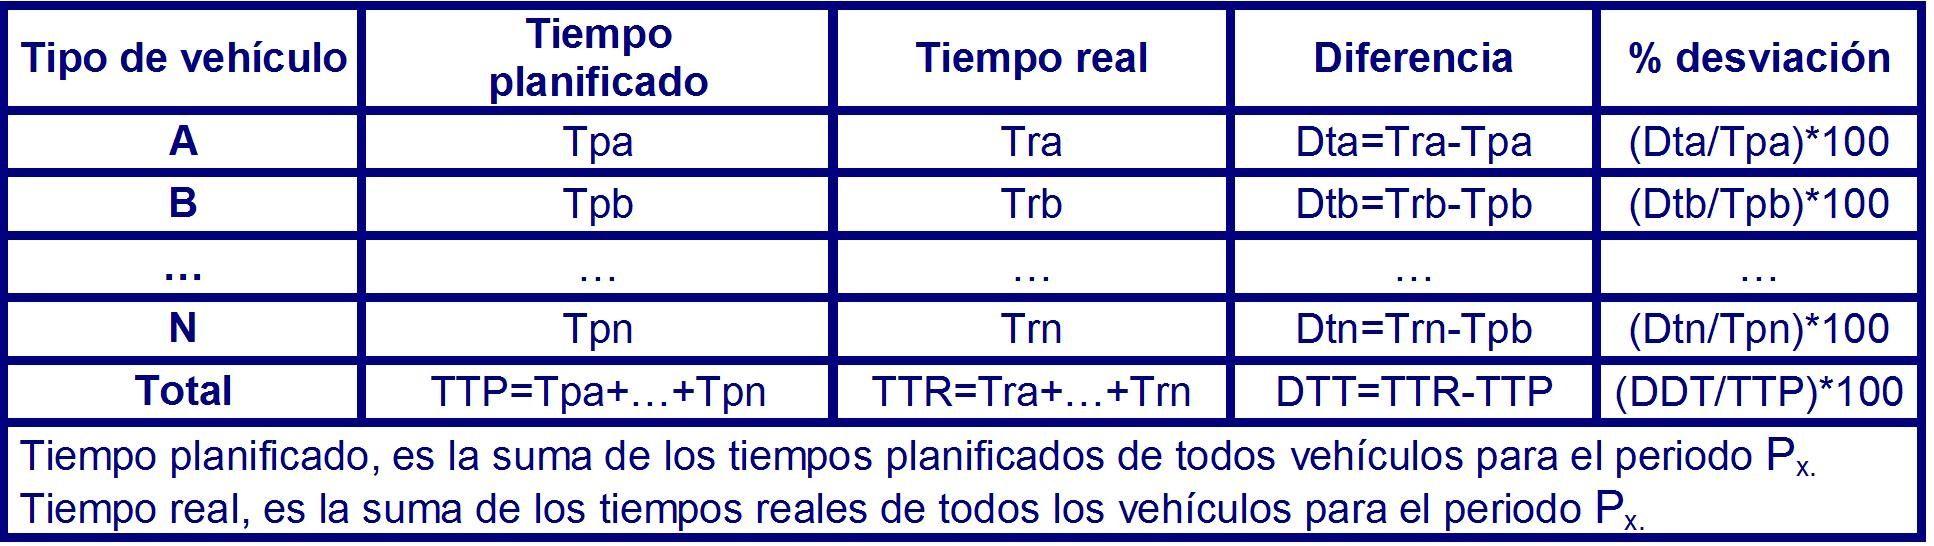 Tabla 25 tiempos totales de operación por tipo de vehículo